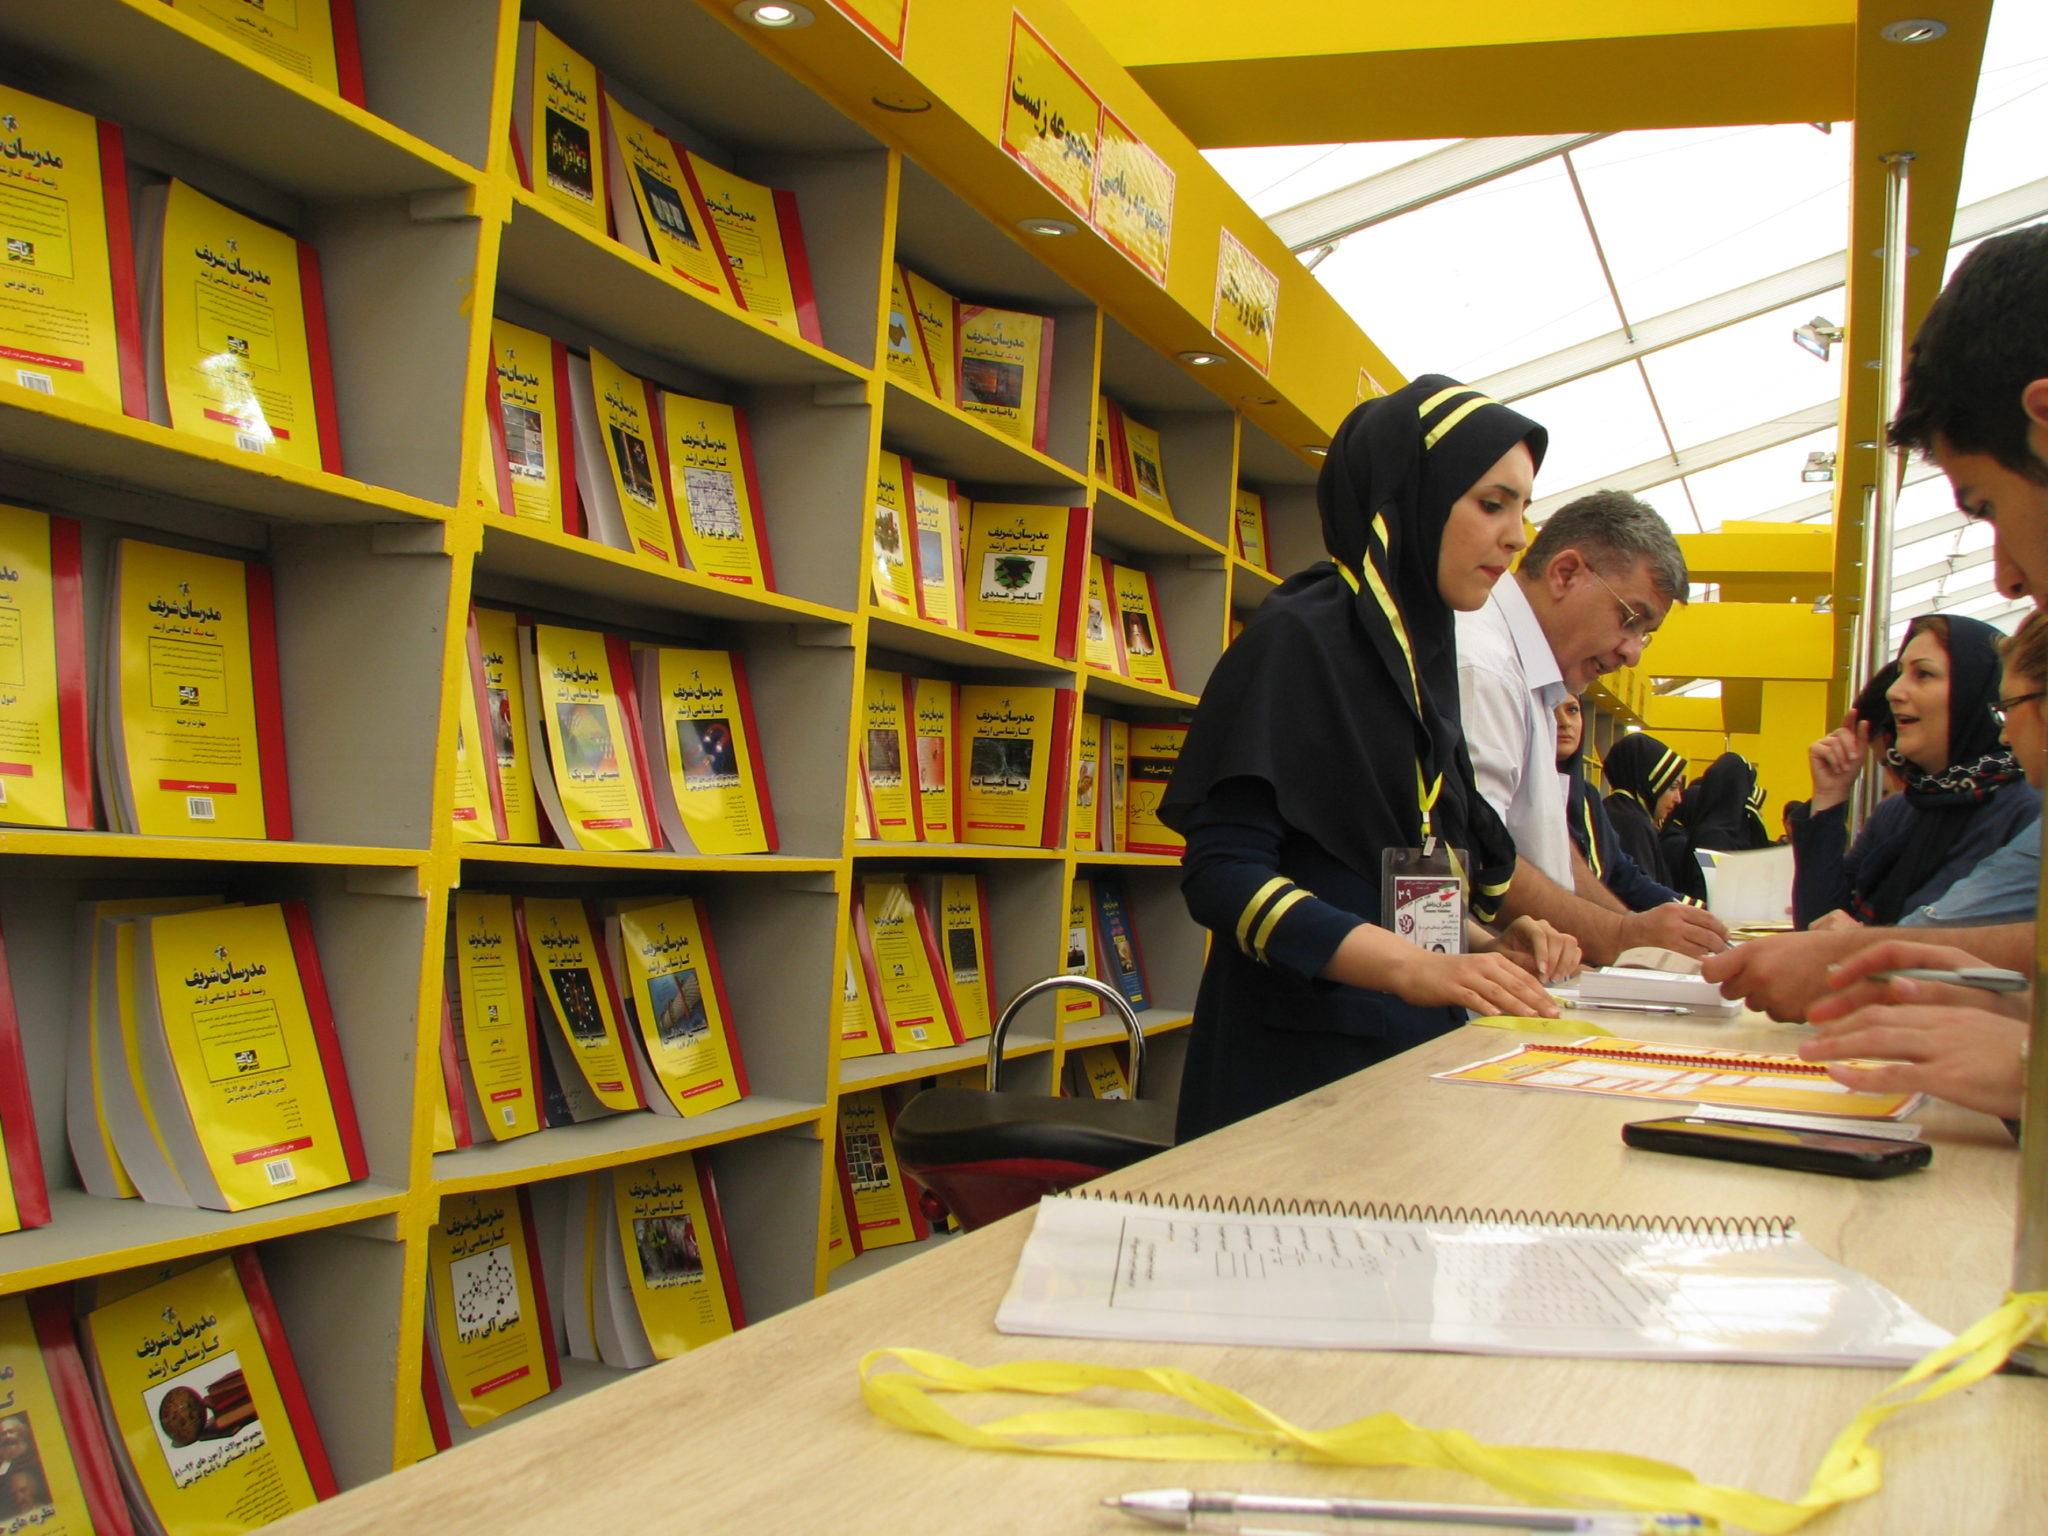 نمایشگاه بین المللی کتاب امسال چند درصد برای کتاب های کنکوری تخفیف داره ؟